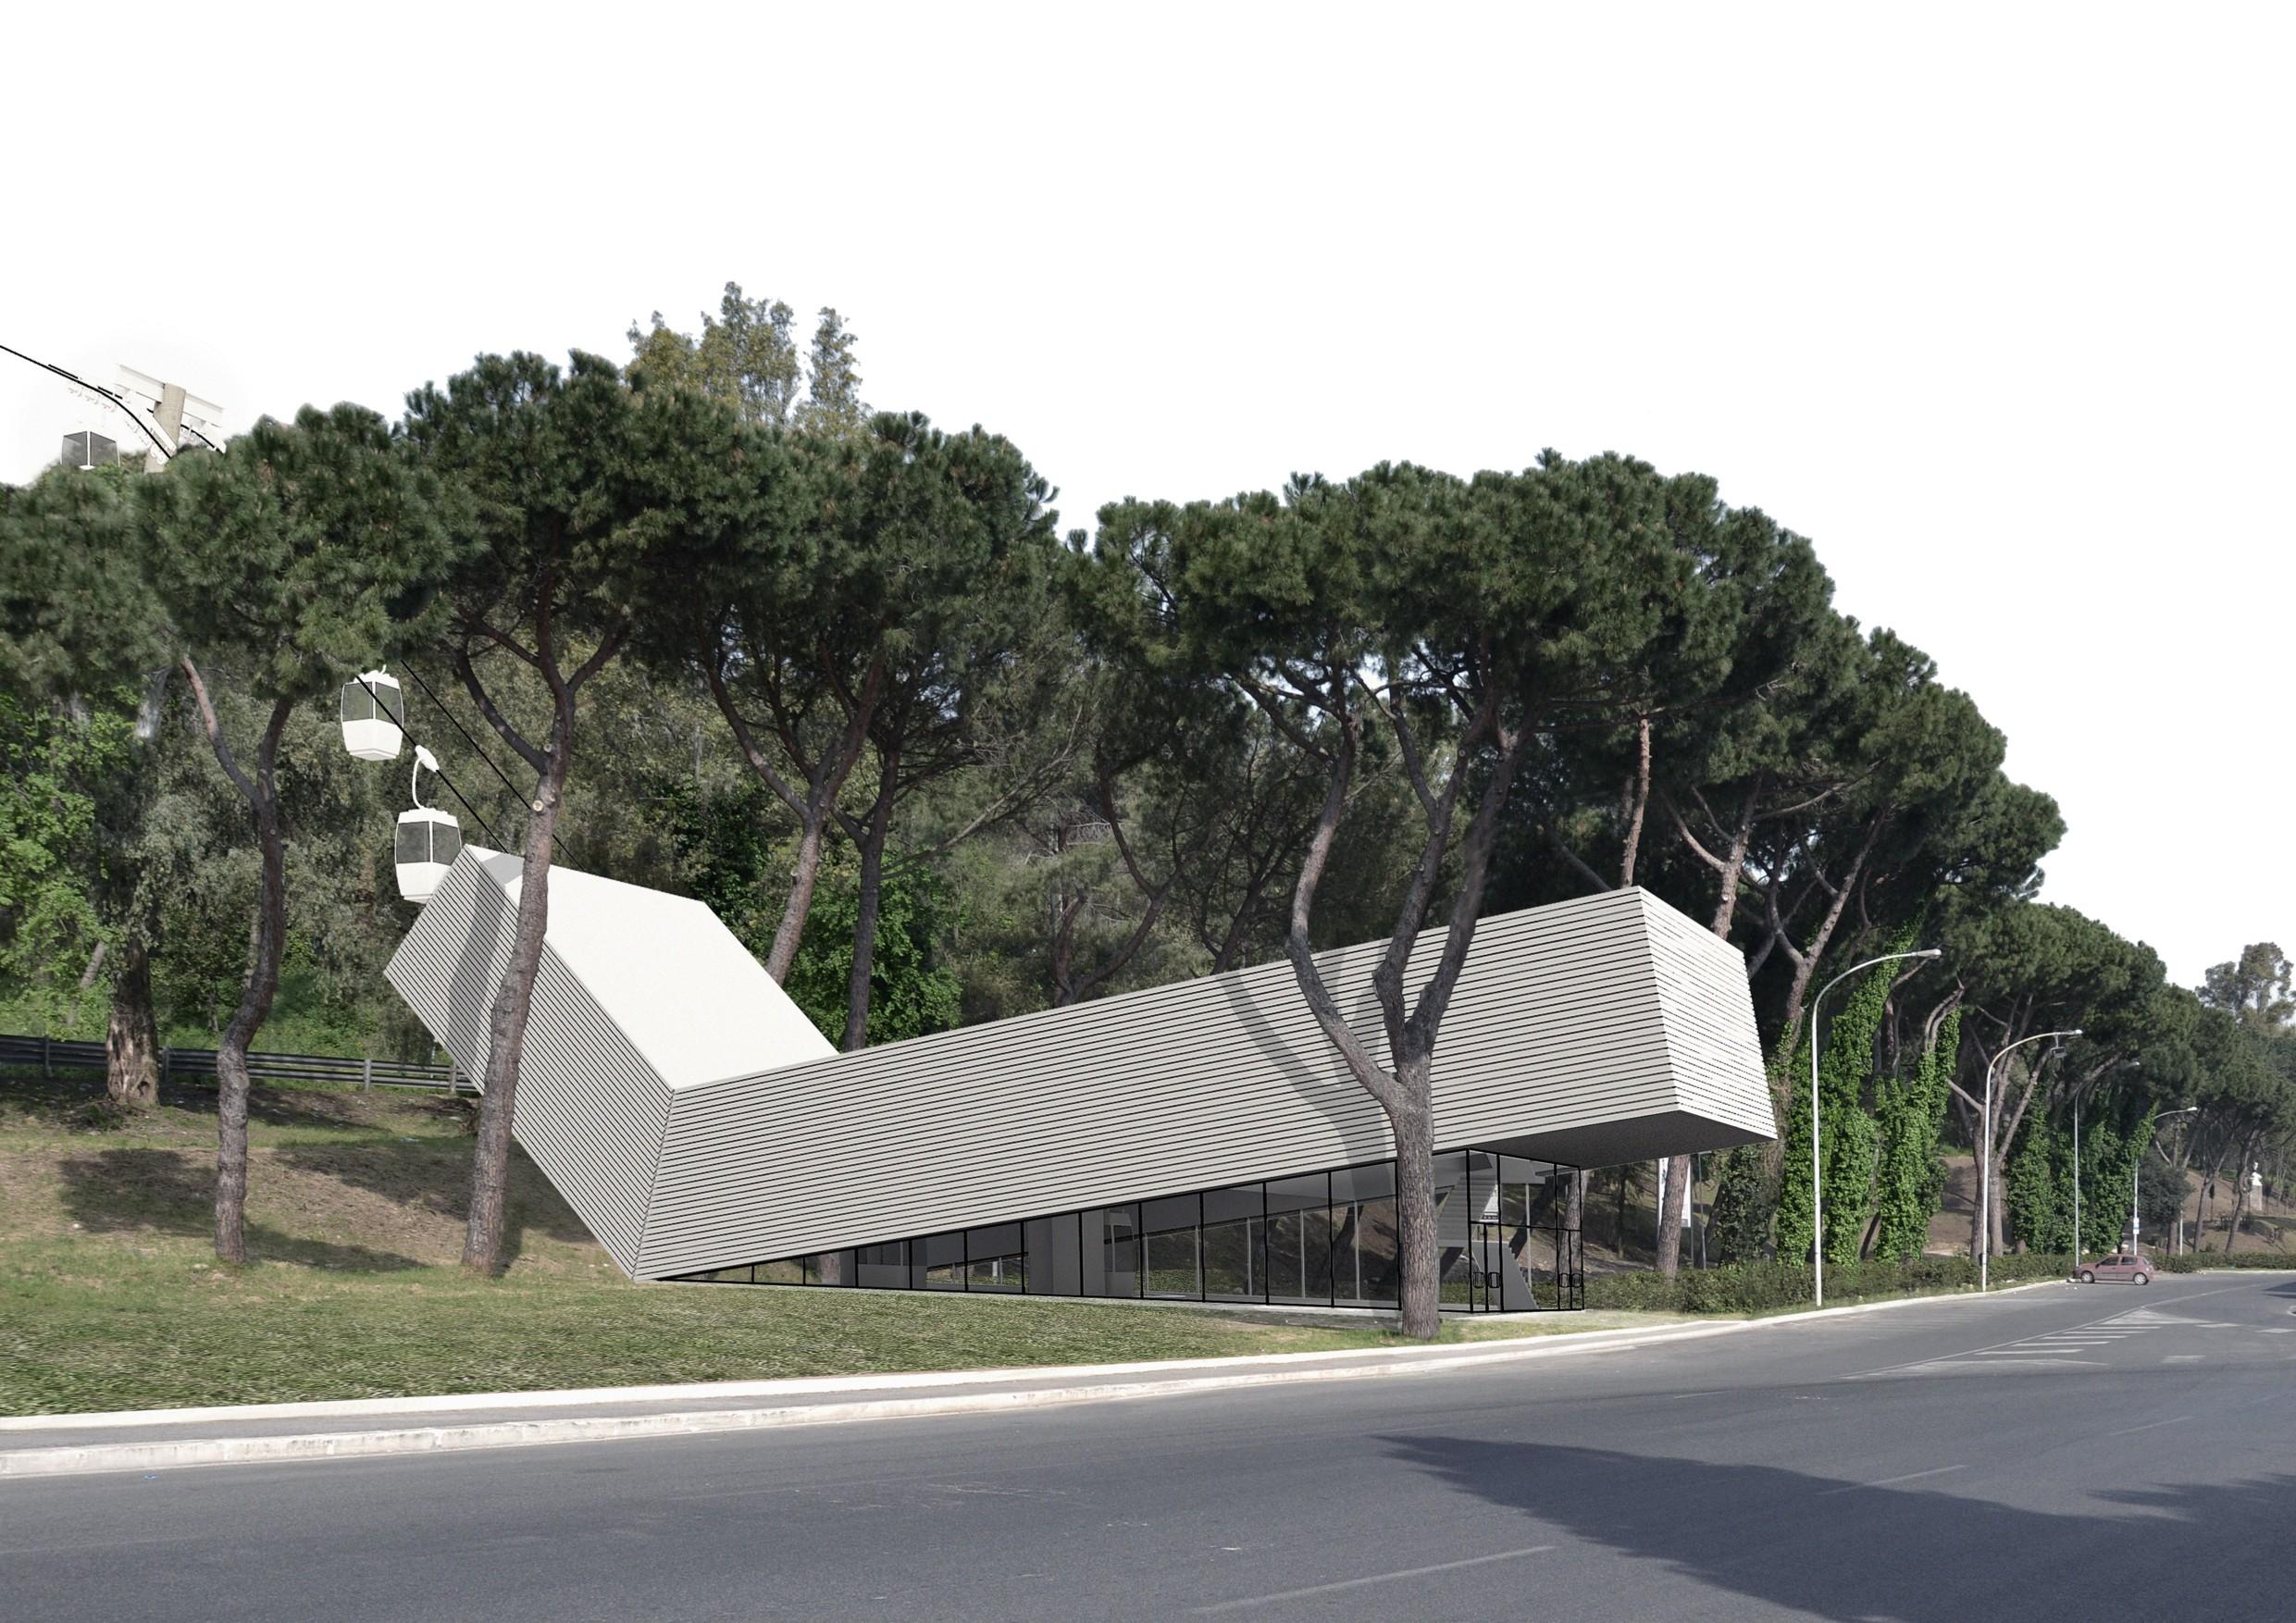 Una teleferica a roma progetto di francesco napolitano for Architettura e design roma